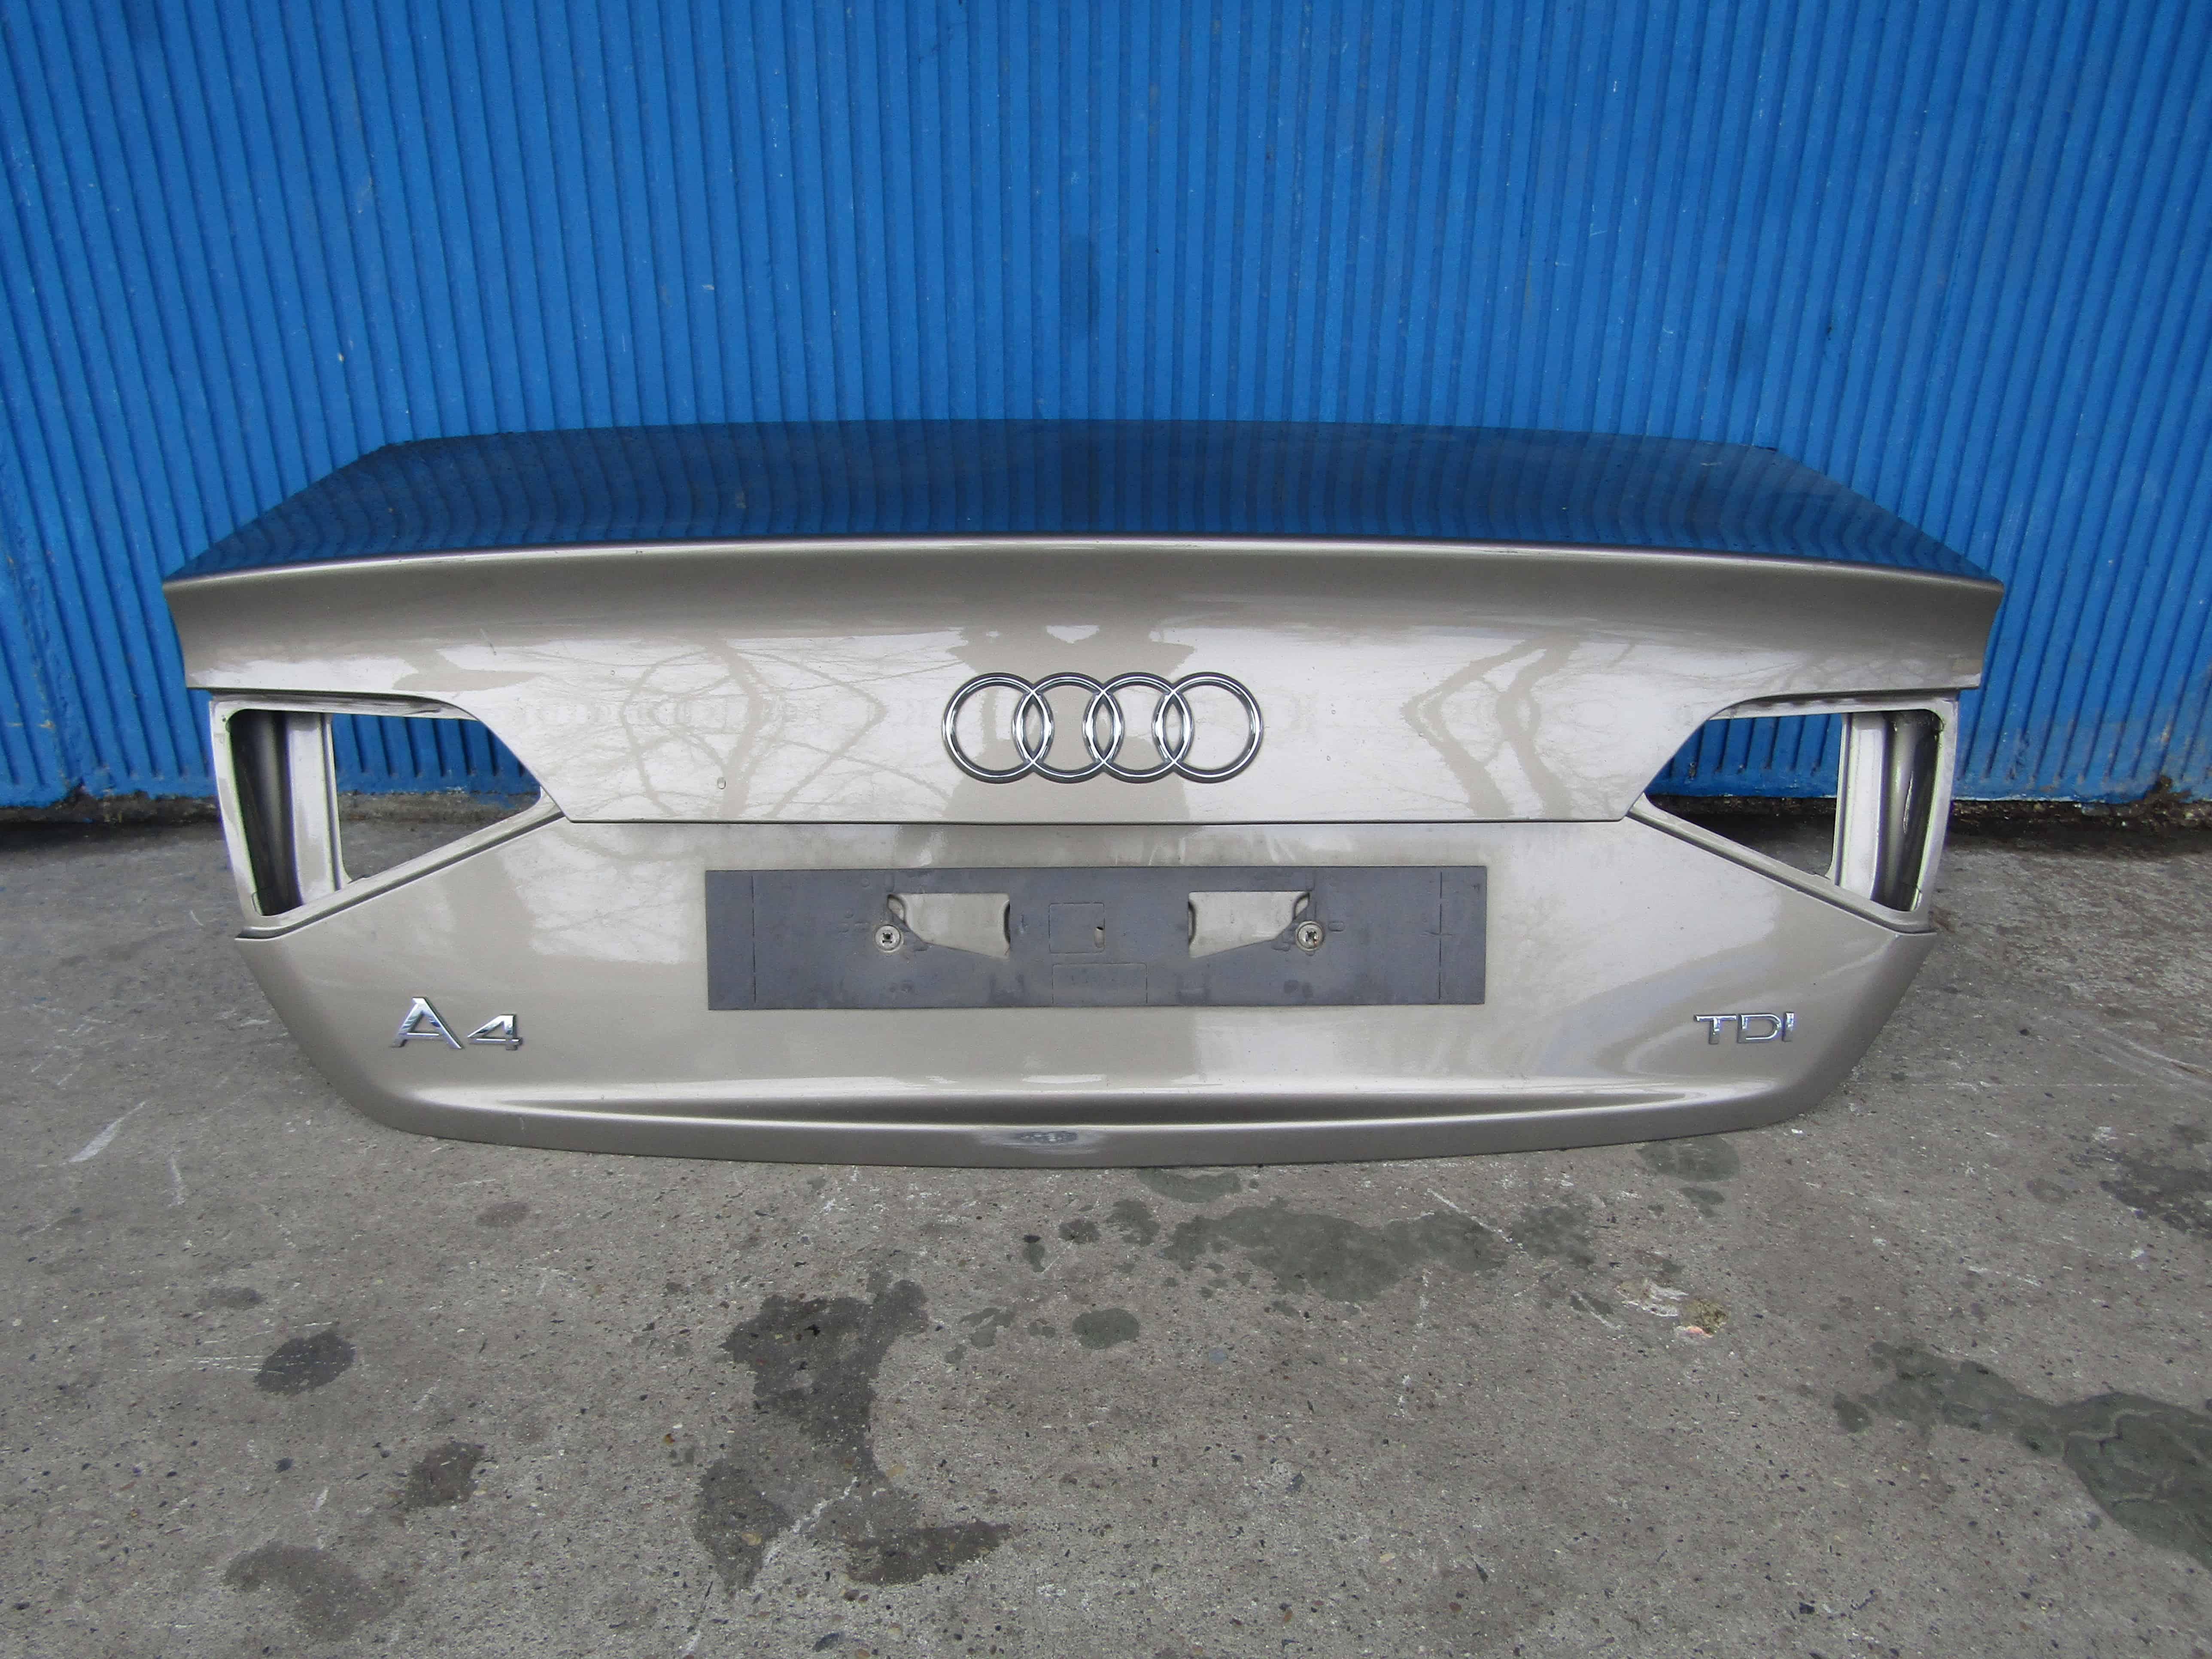 Audi A4 8K '08 – '12